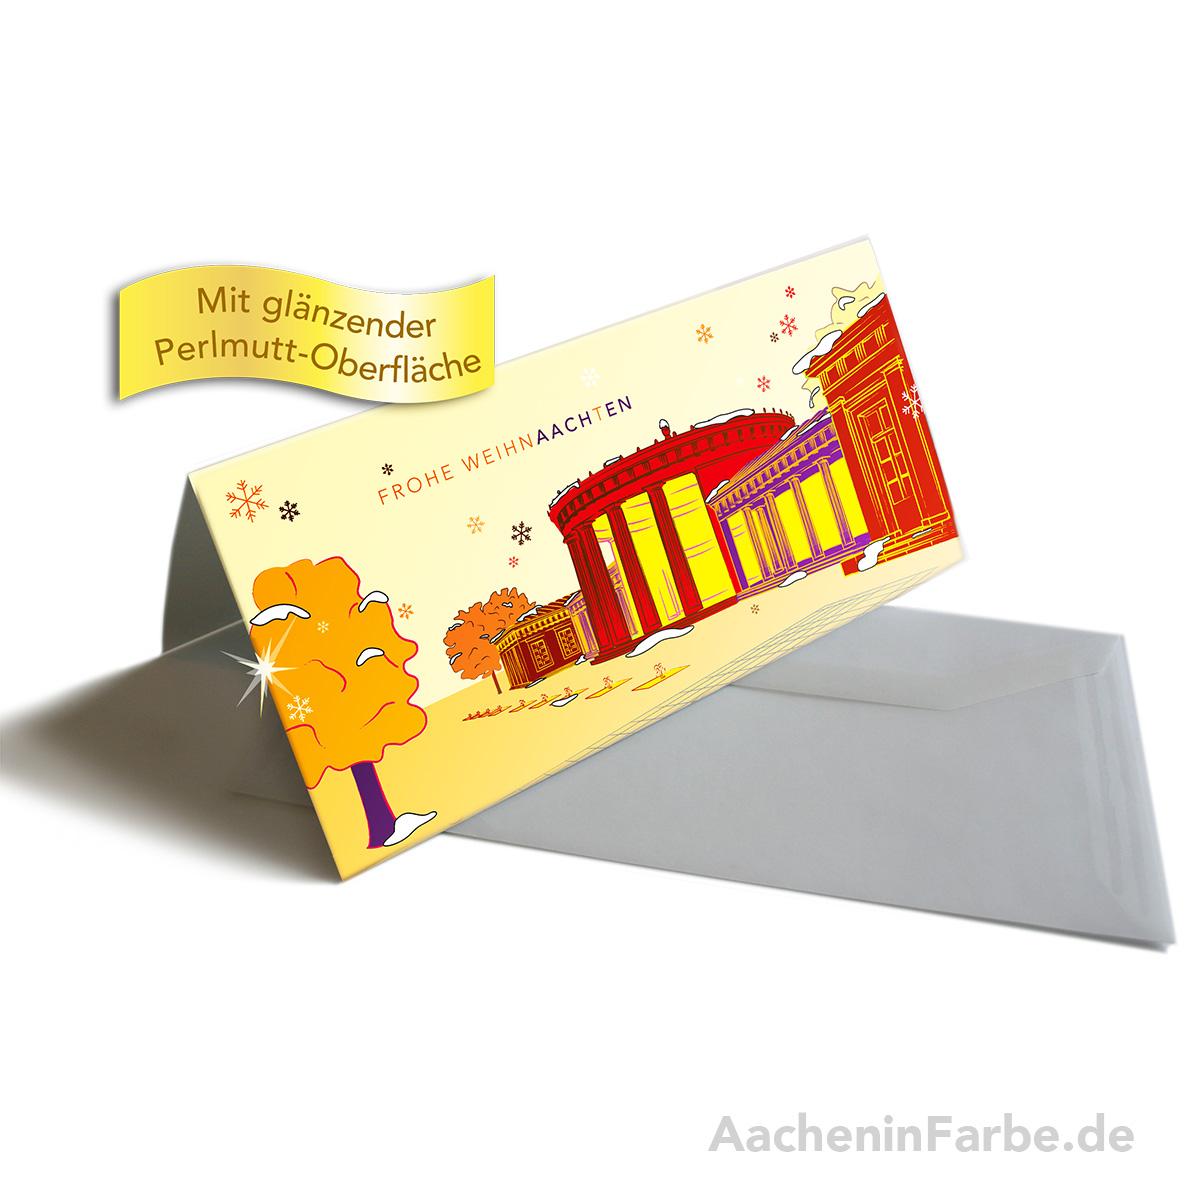 """Grußkarte """"Frohe WeihnAACHtEN"""", Elisenbrunnen, orange (Perlmutt)"""